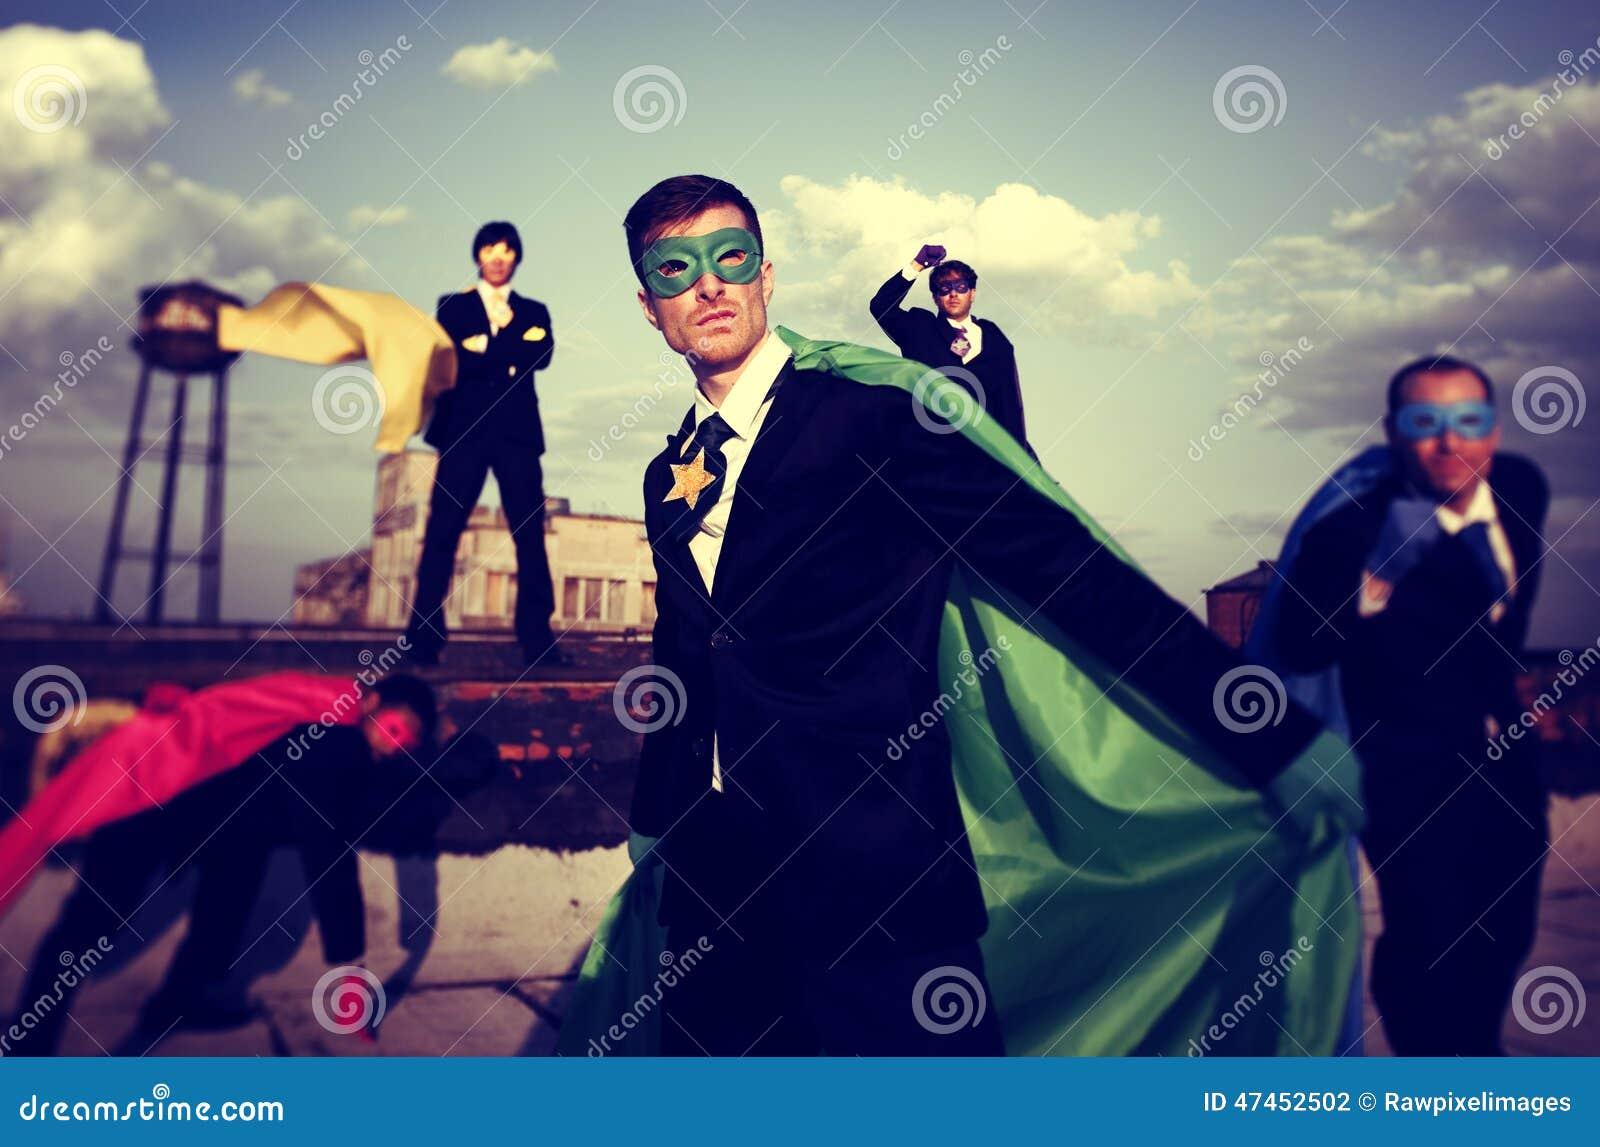 Executivos da confiança Team Work Concept do super-herói